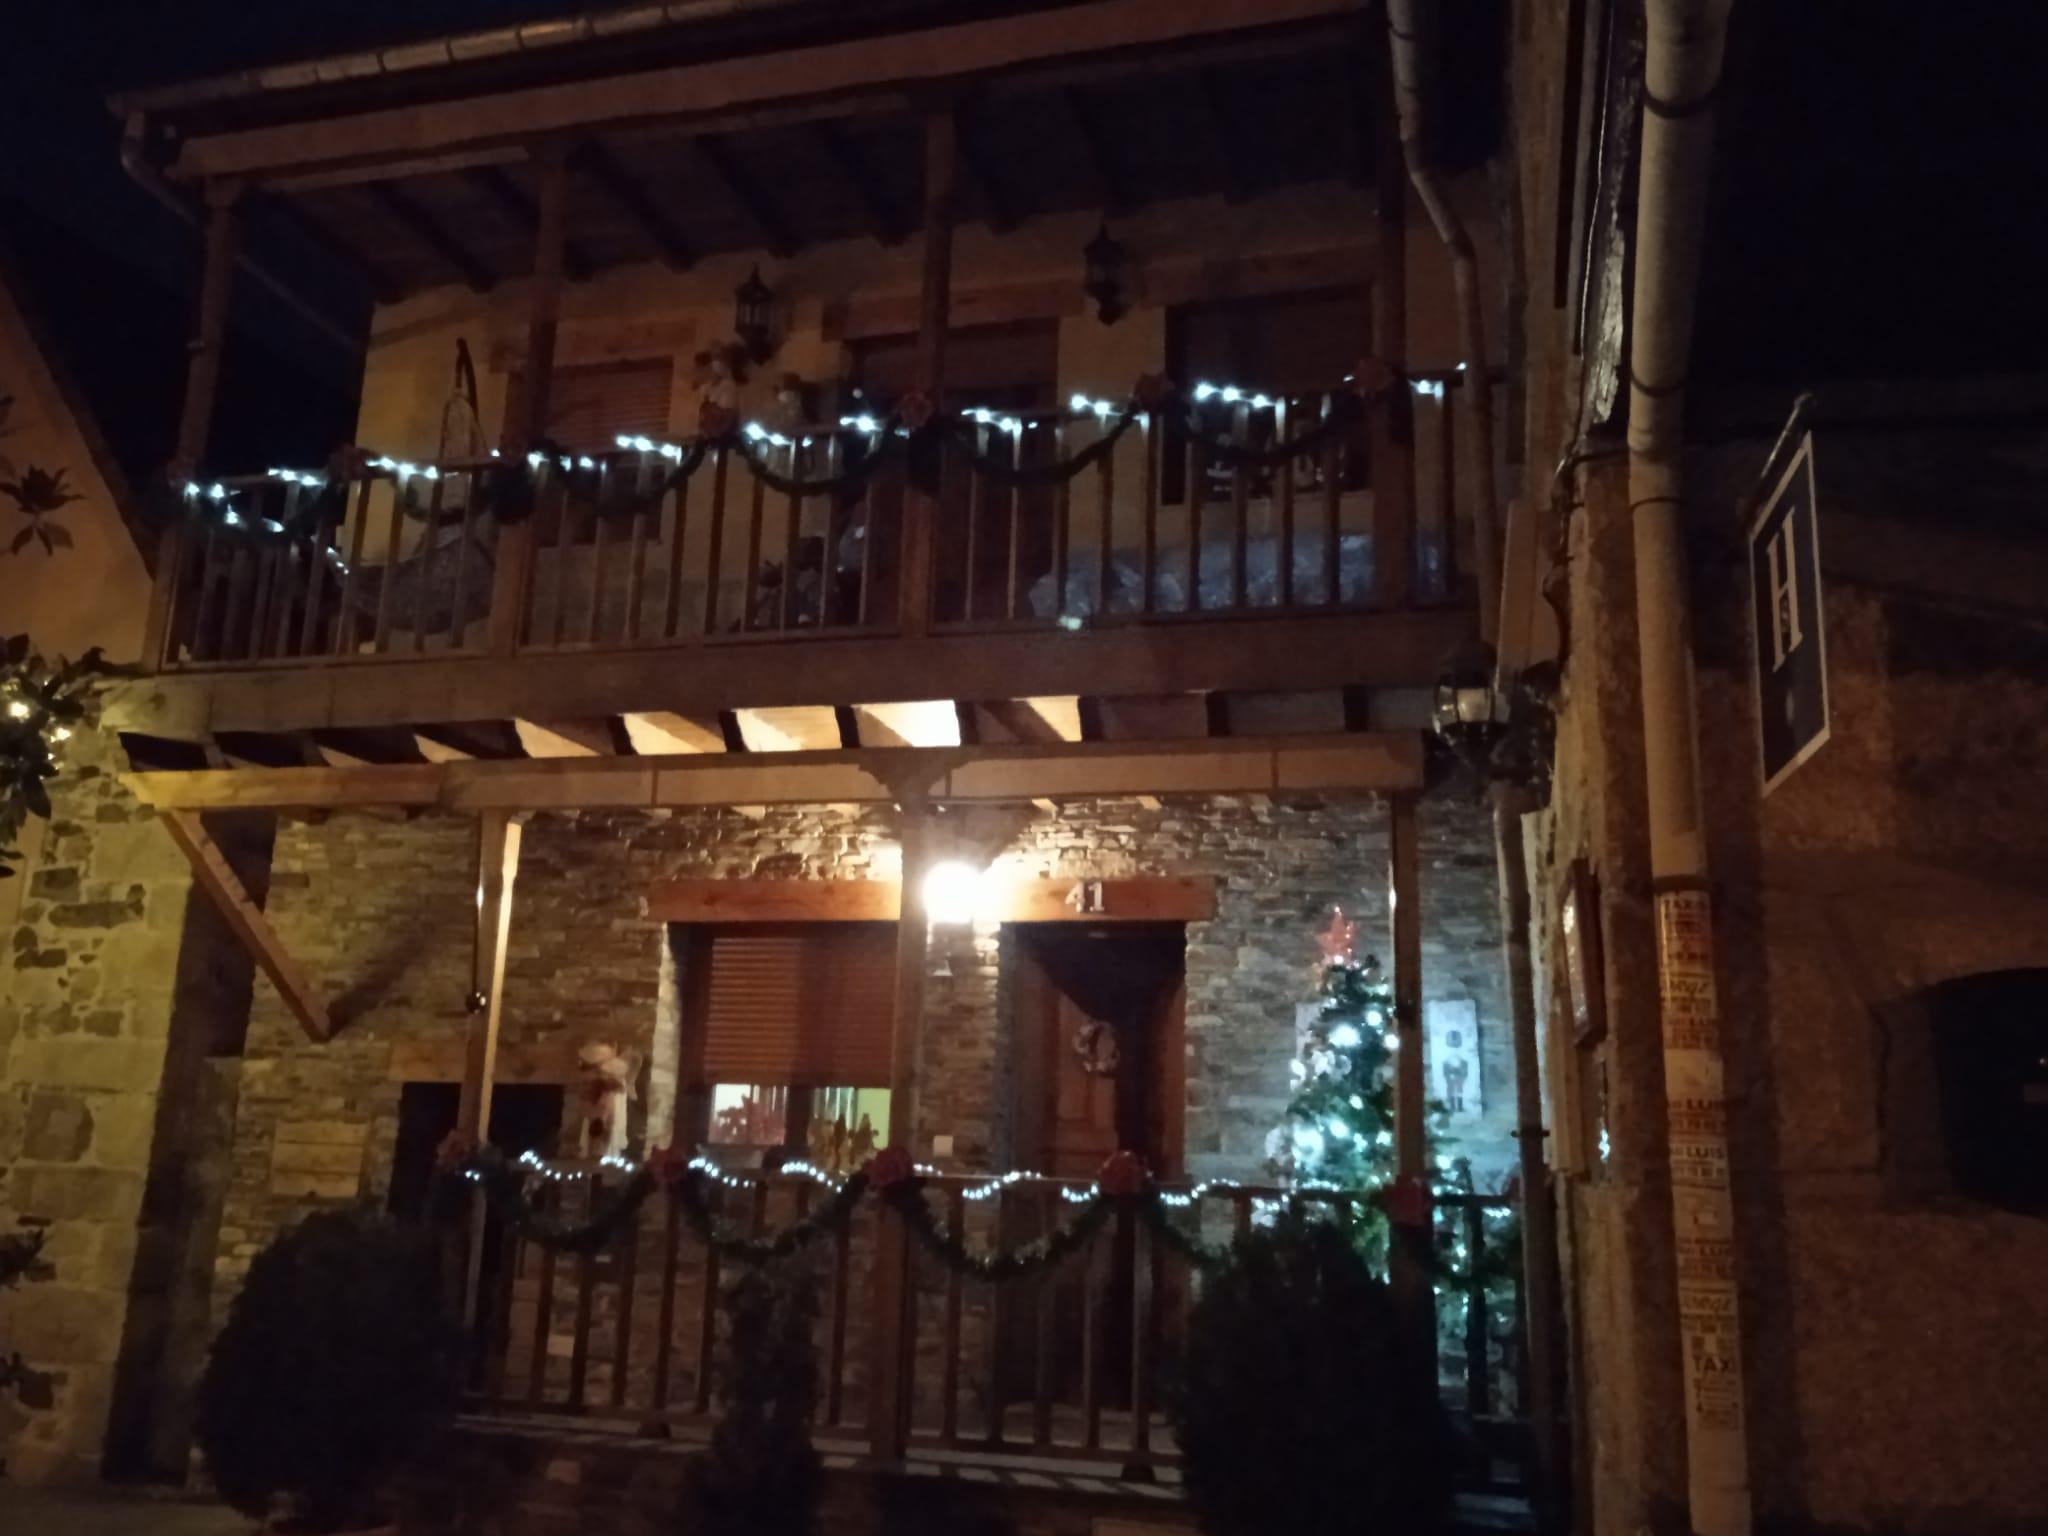 Ganadores del concurso de decoración navideña conjunta de Molinaseca y Villafranca 1